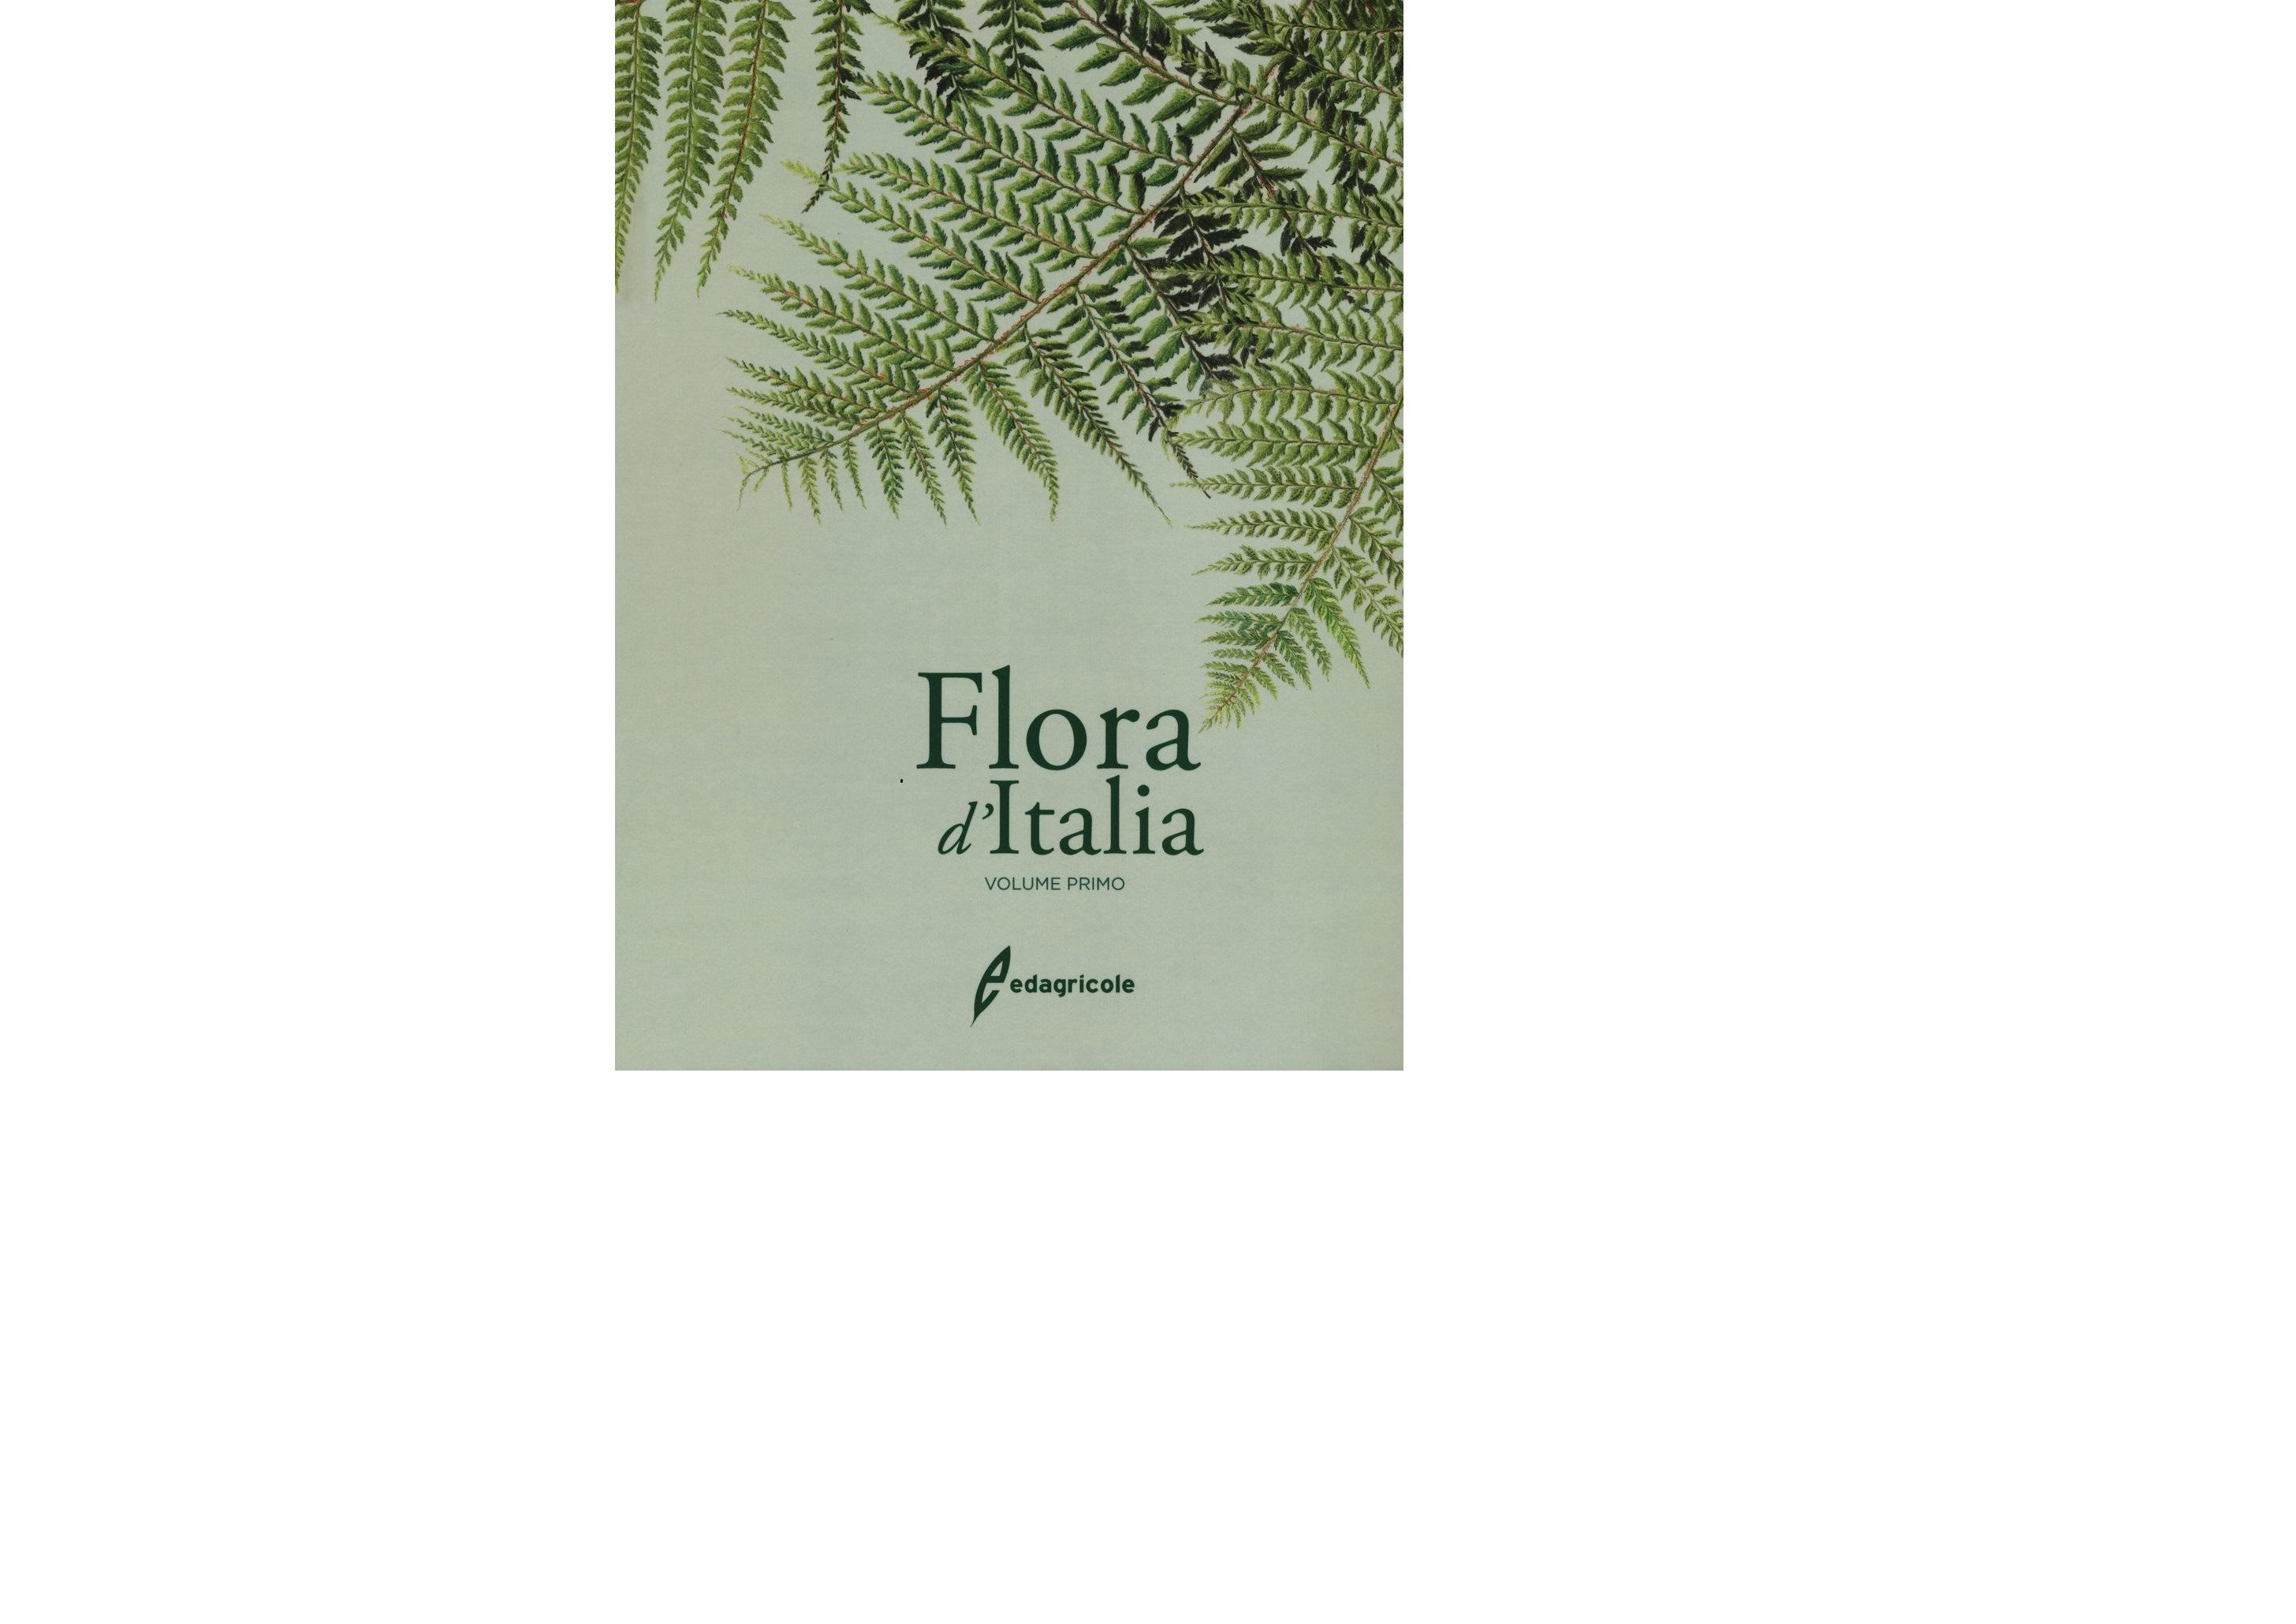 Flora d'Italia, vol. 1, copertina